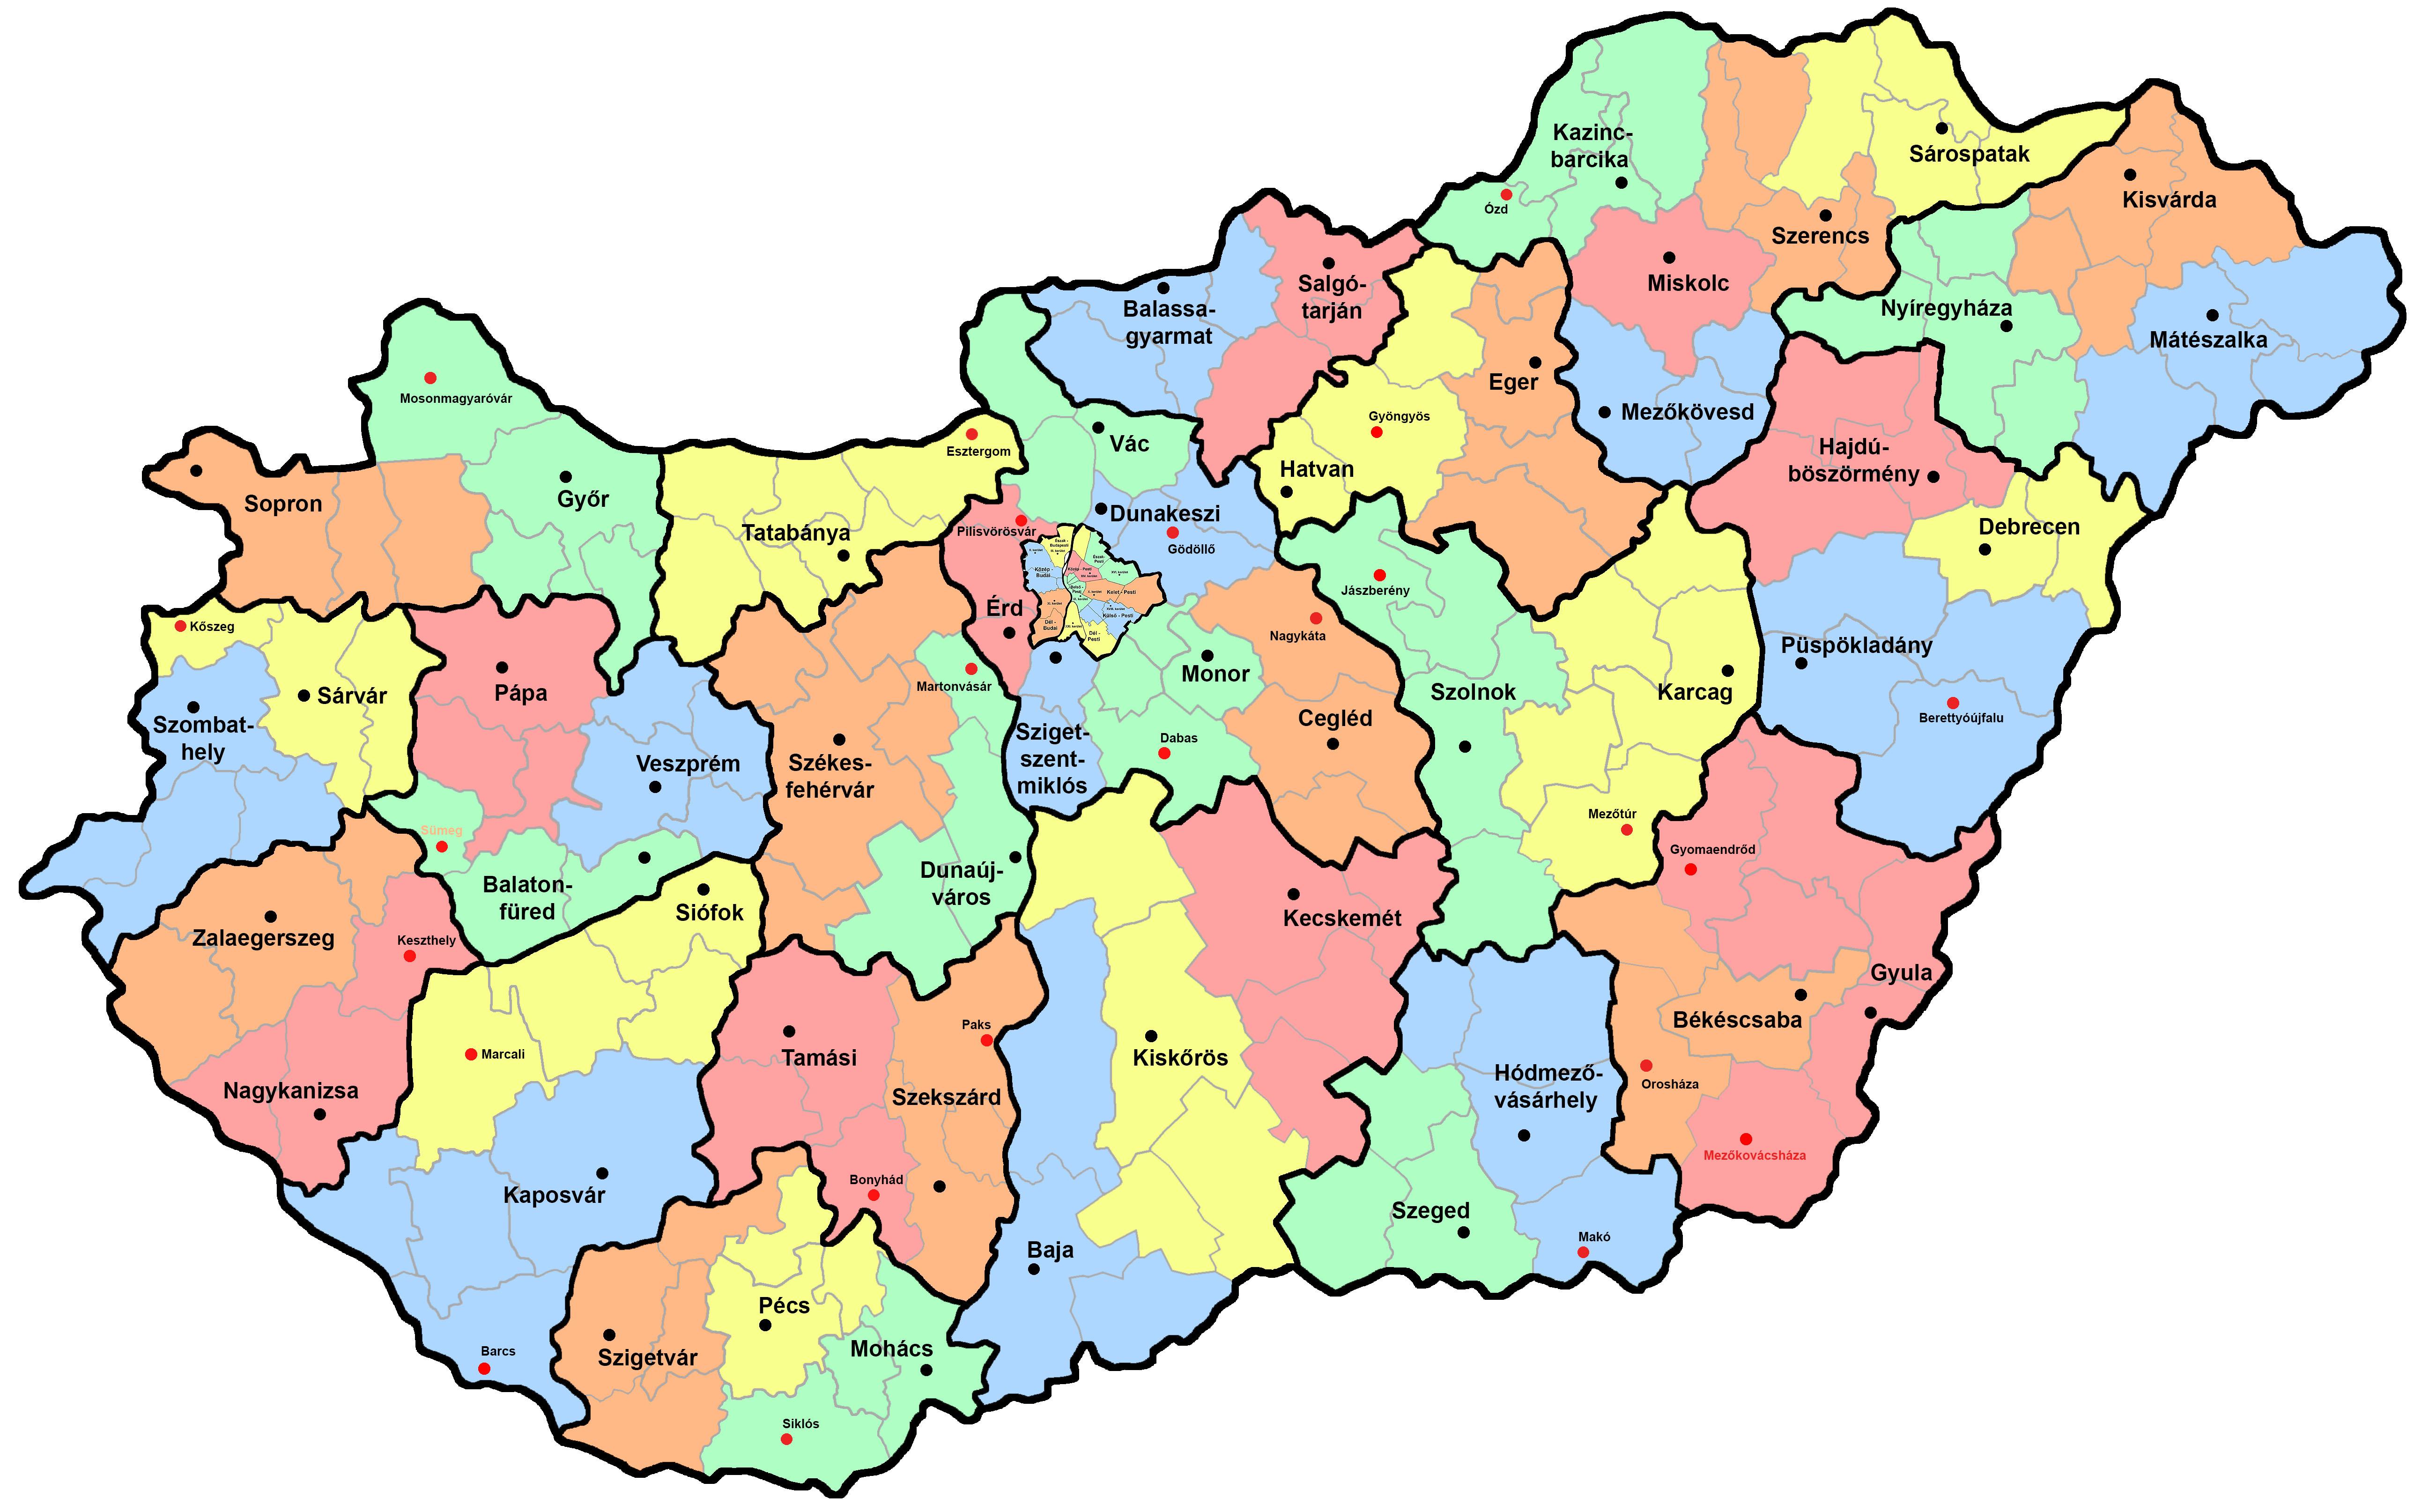 magyarország térkép baja A papír és a led izzó hiányának fogságában – jelenthet e megoldást  magyarország térkép baja